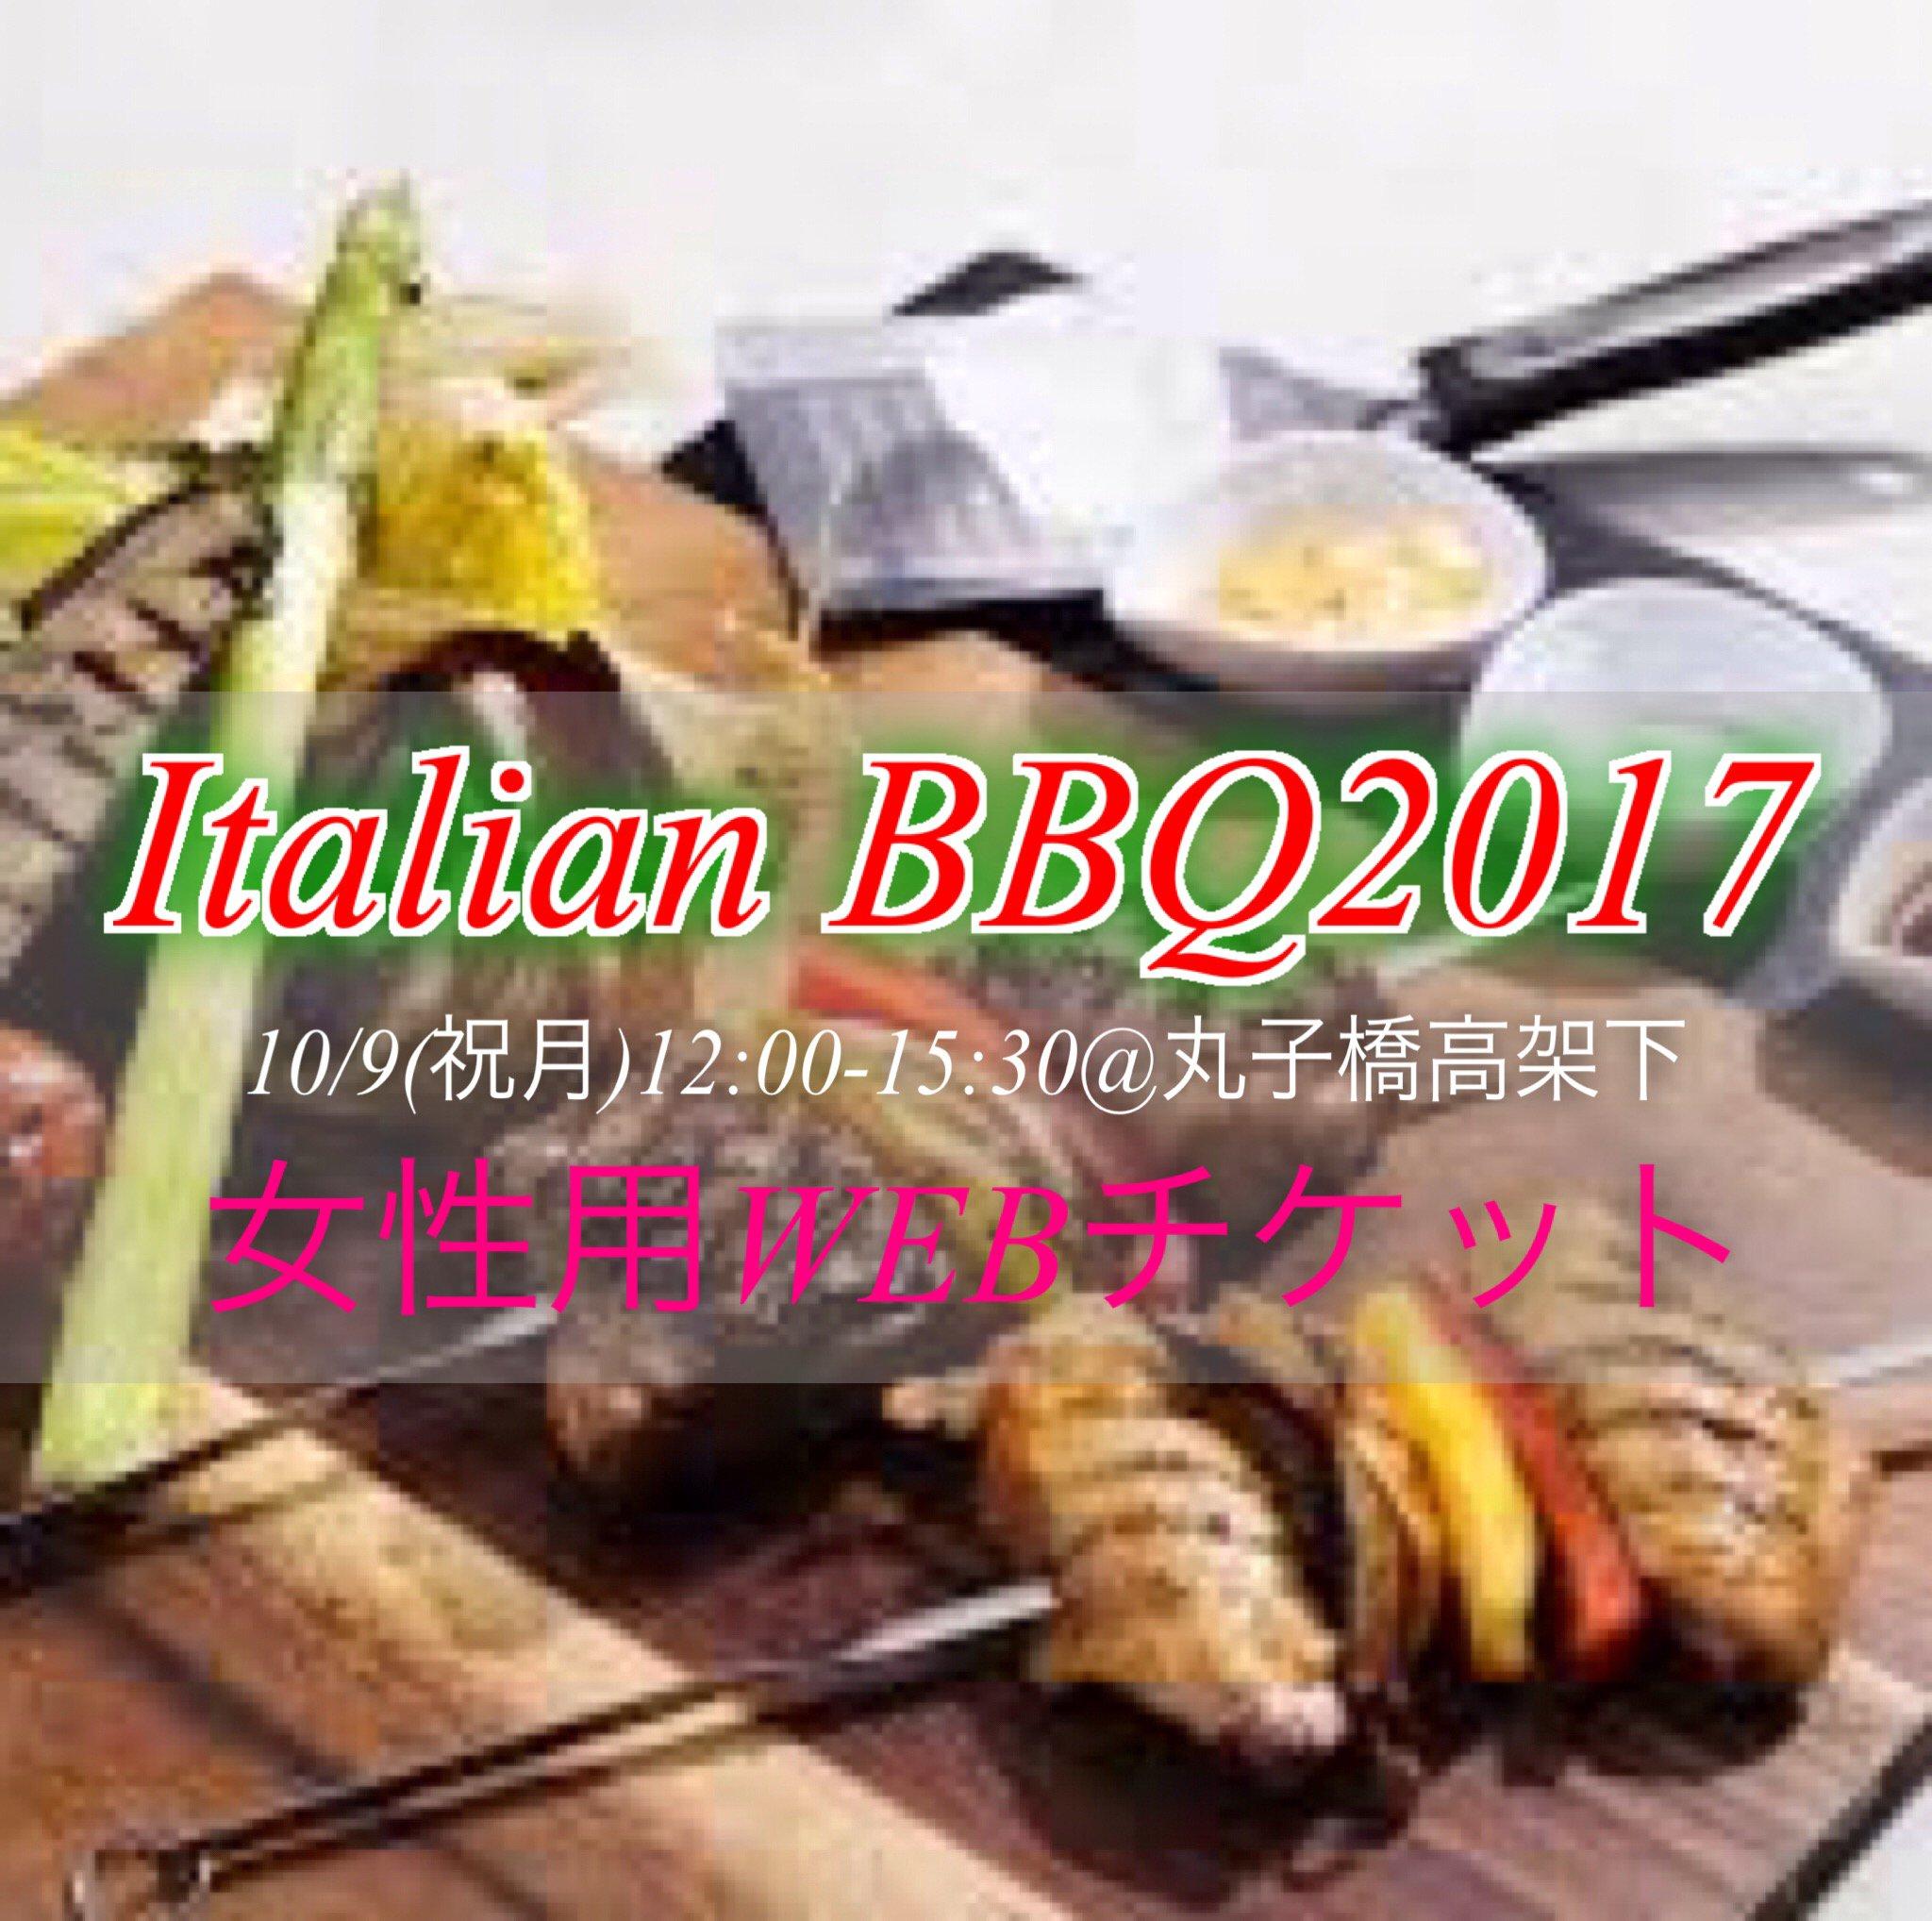 【女性用10/9(祝月)東京・神奈川1000名BBQ企画JT】【1名参加歓迎&初参加歓迎】Italian BBQ フェス 2017 ウェブチケットのイメージその1